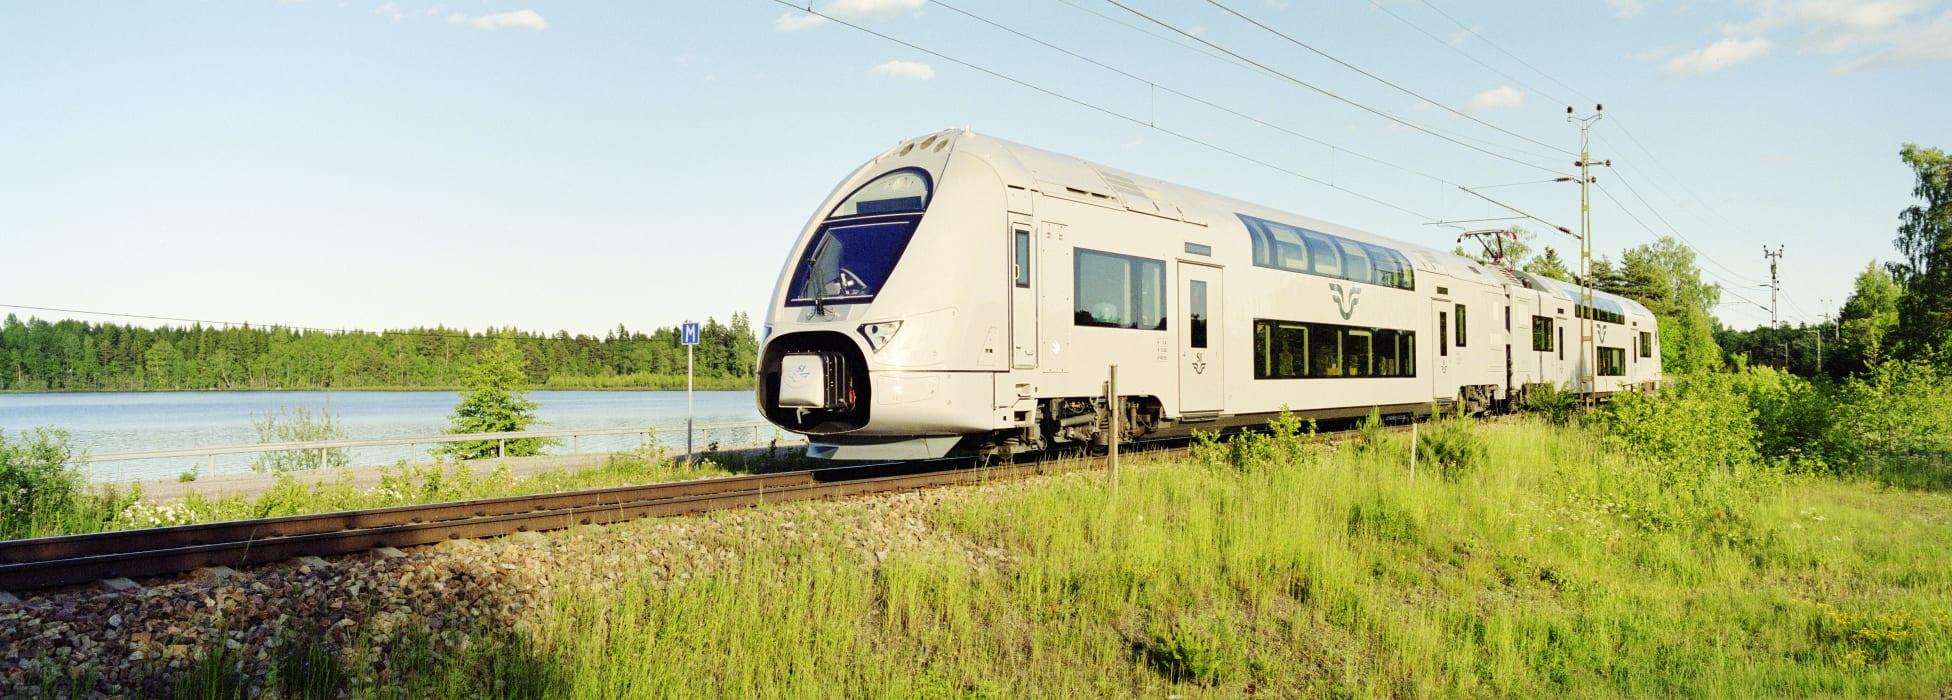 sj tåg till uppsala